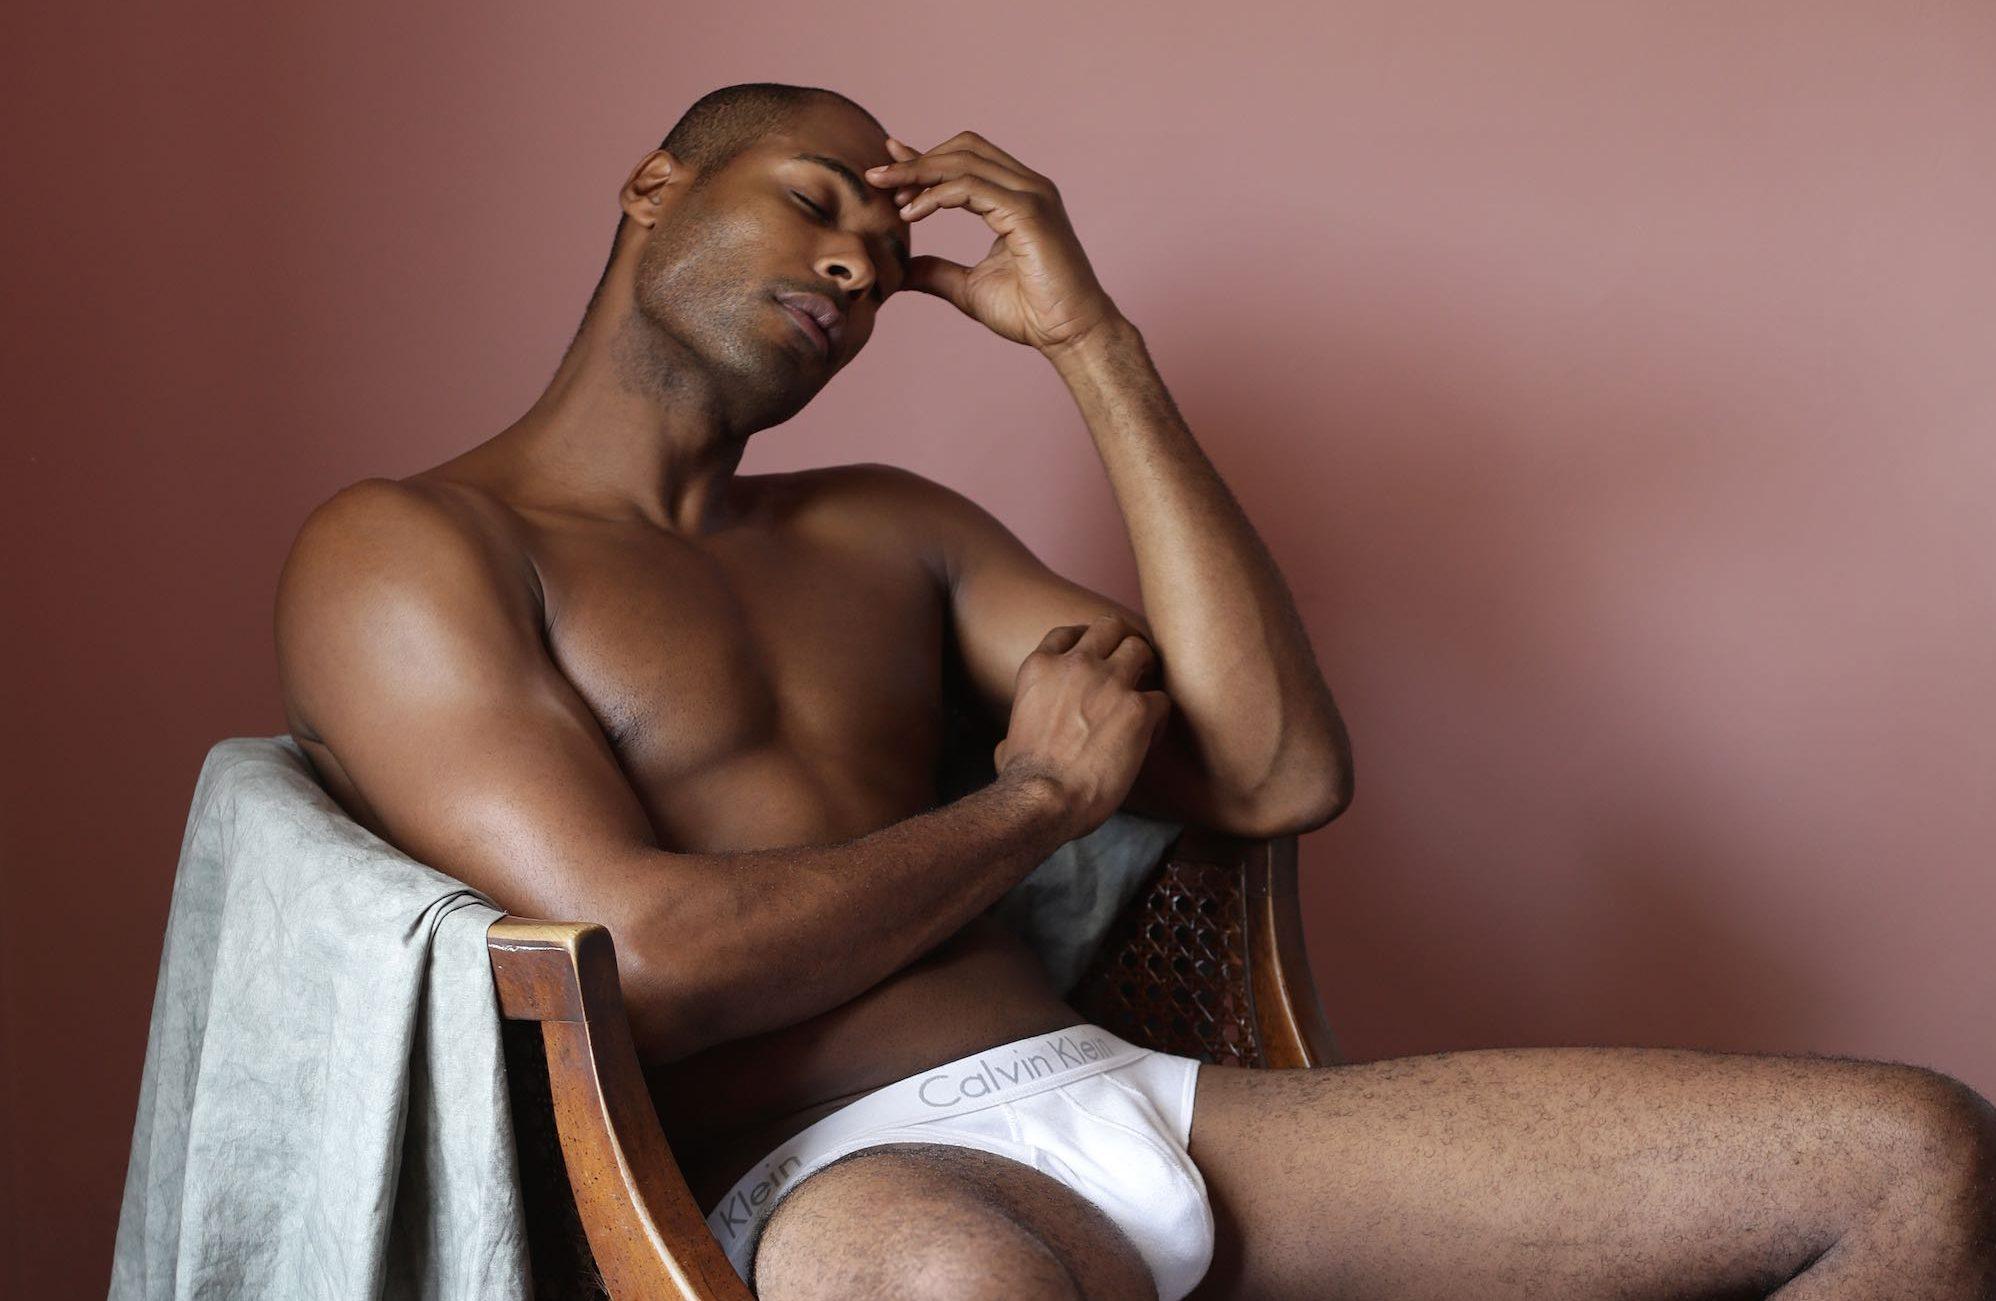 Luke Austin'in Kitabı 'LÉWÀ', Siyahi Erkeklerin Tatlı Yumuşaklığını Yakalıyor